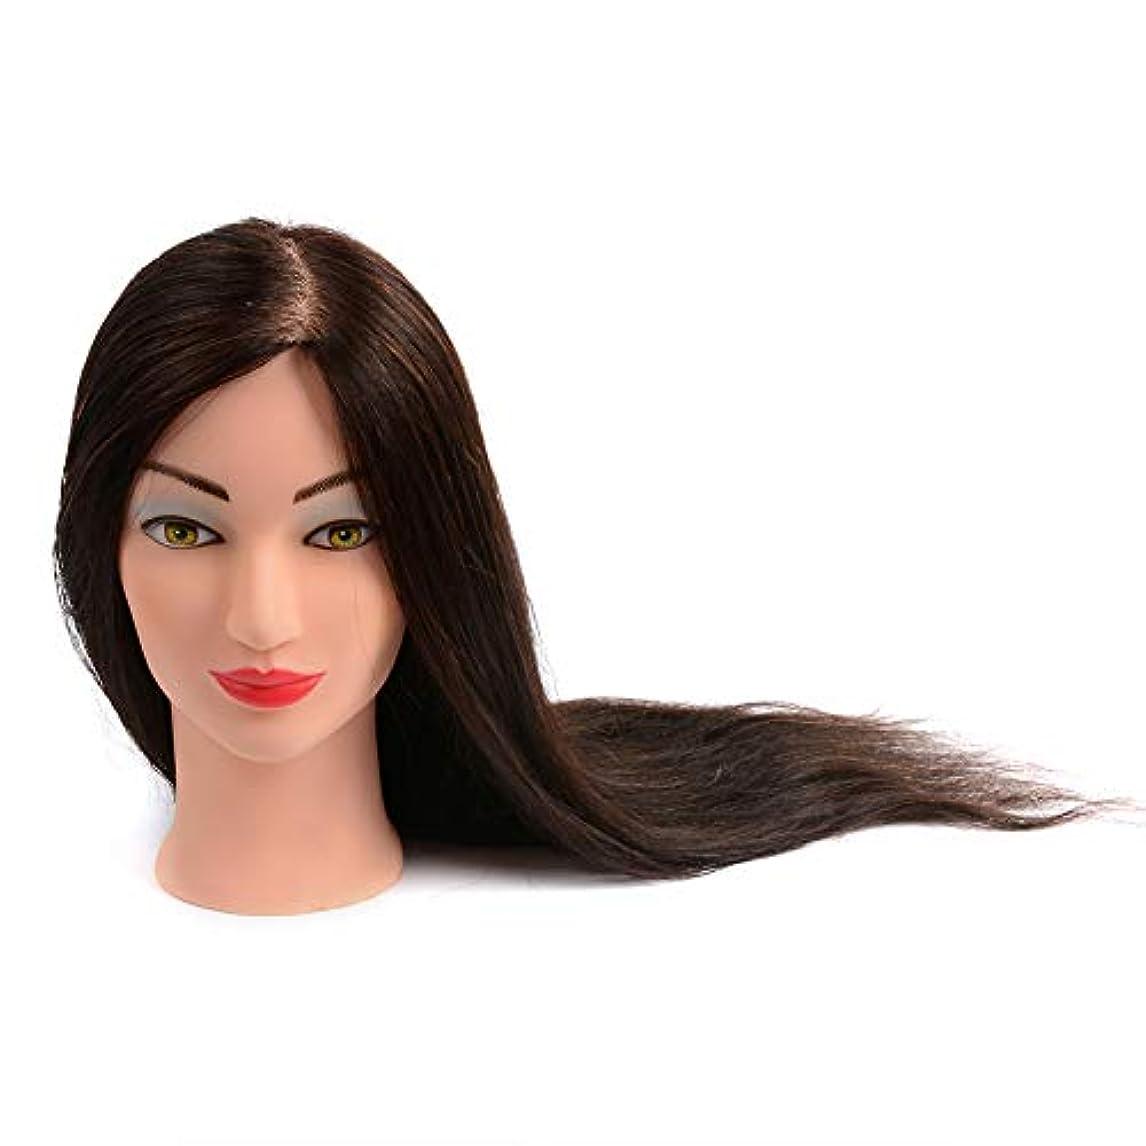 冬カートンみなすサロン散髪学習ダミーヘッドブライダルメイクスタイリングプラクティスモデルの髪を染めることができ、漂白ティーチングヘッド